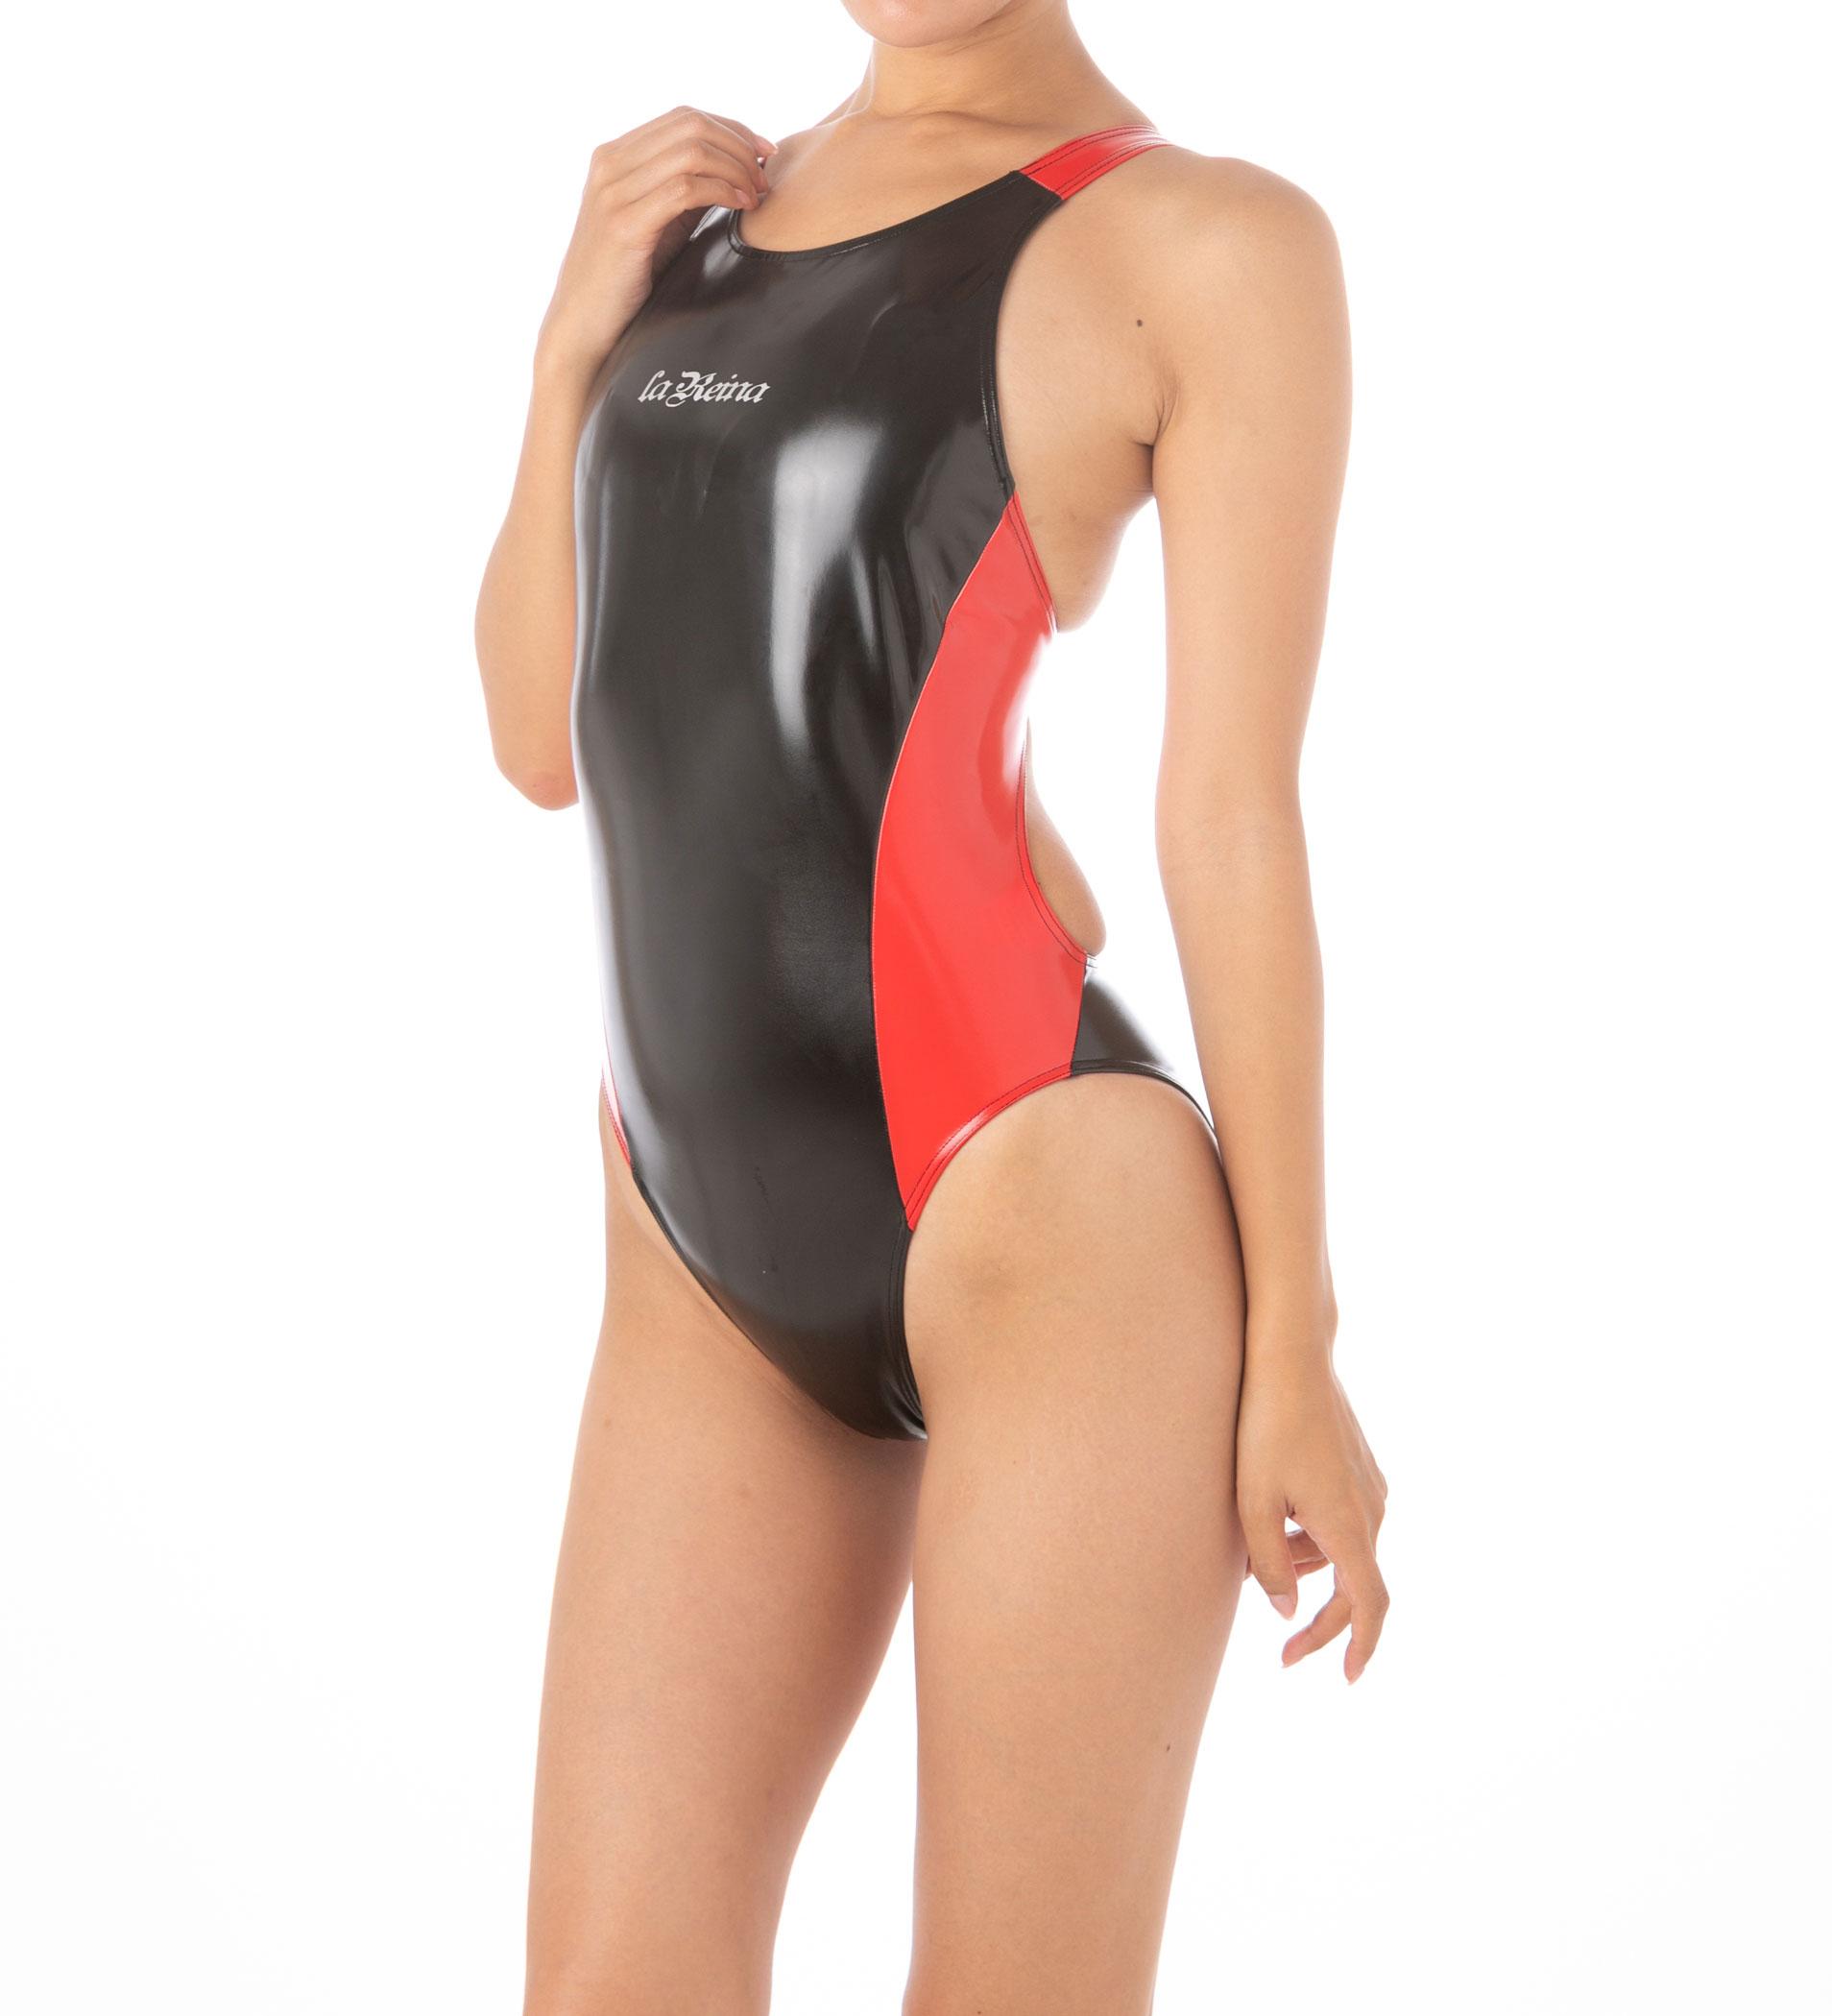 LaReina(ラ・レイナ)【RN-301_big】ダブルカラーワンピース競泳水着コスチューム エナメル素材  4Lサイズ【送料無料】